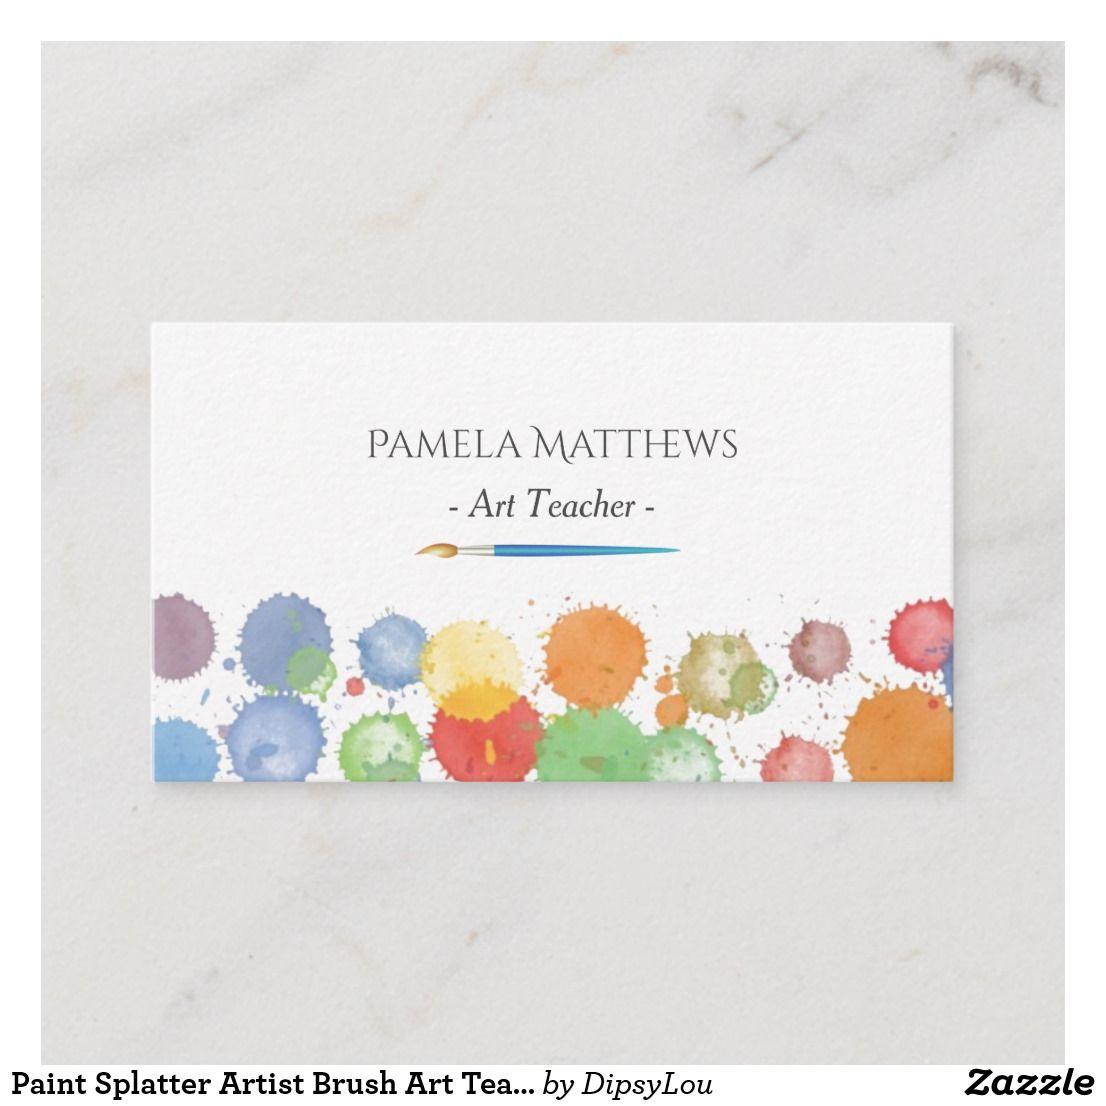 Paint Splatter Artist Brush Art Teacher Business Card Zazzle Com Artist Brush Art Teacher Business Cards Artist Brush